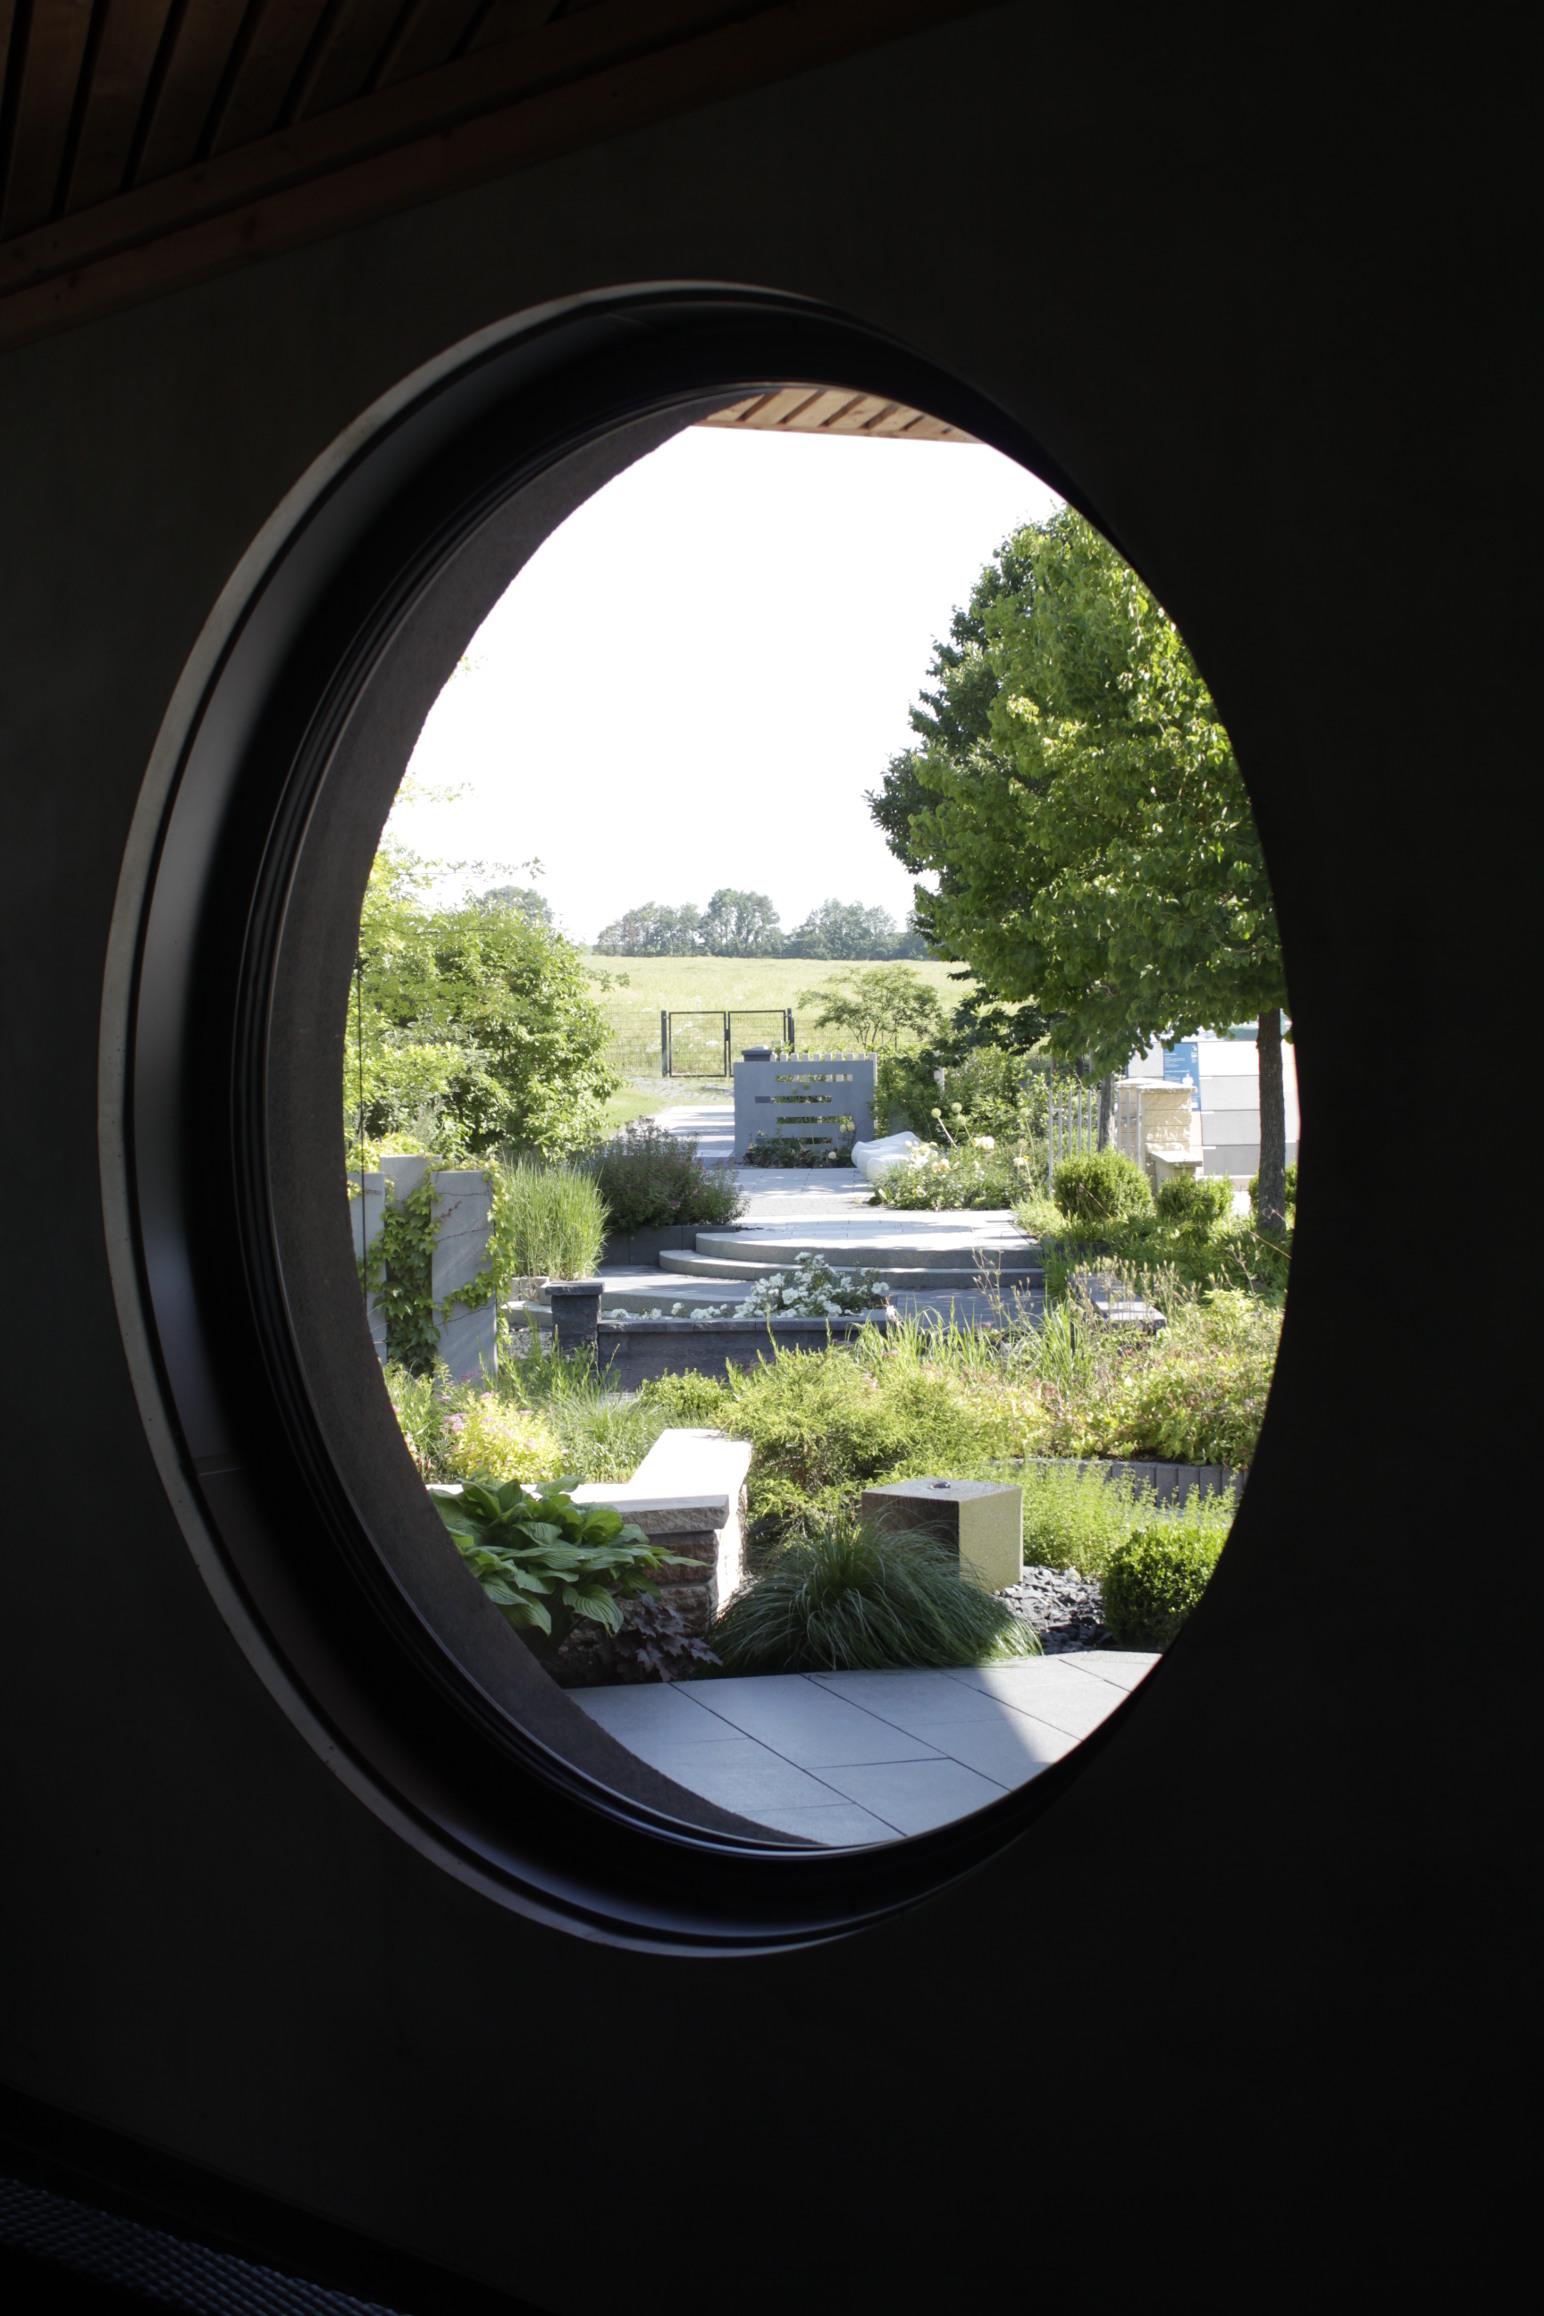 Blick durch das runde Fenster des Ideenpavillons raus ins Grüne des Ideengartens in Stadtroda.